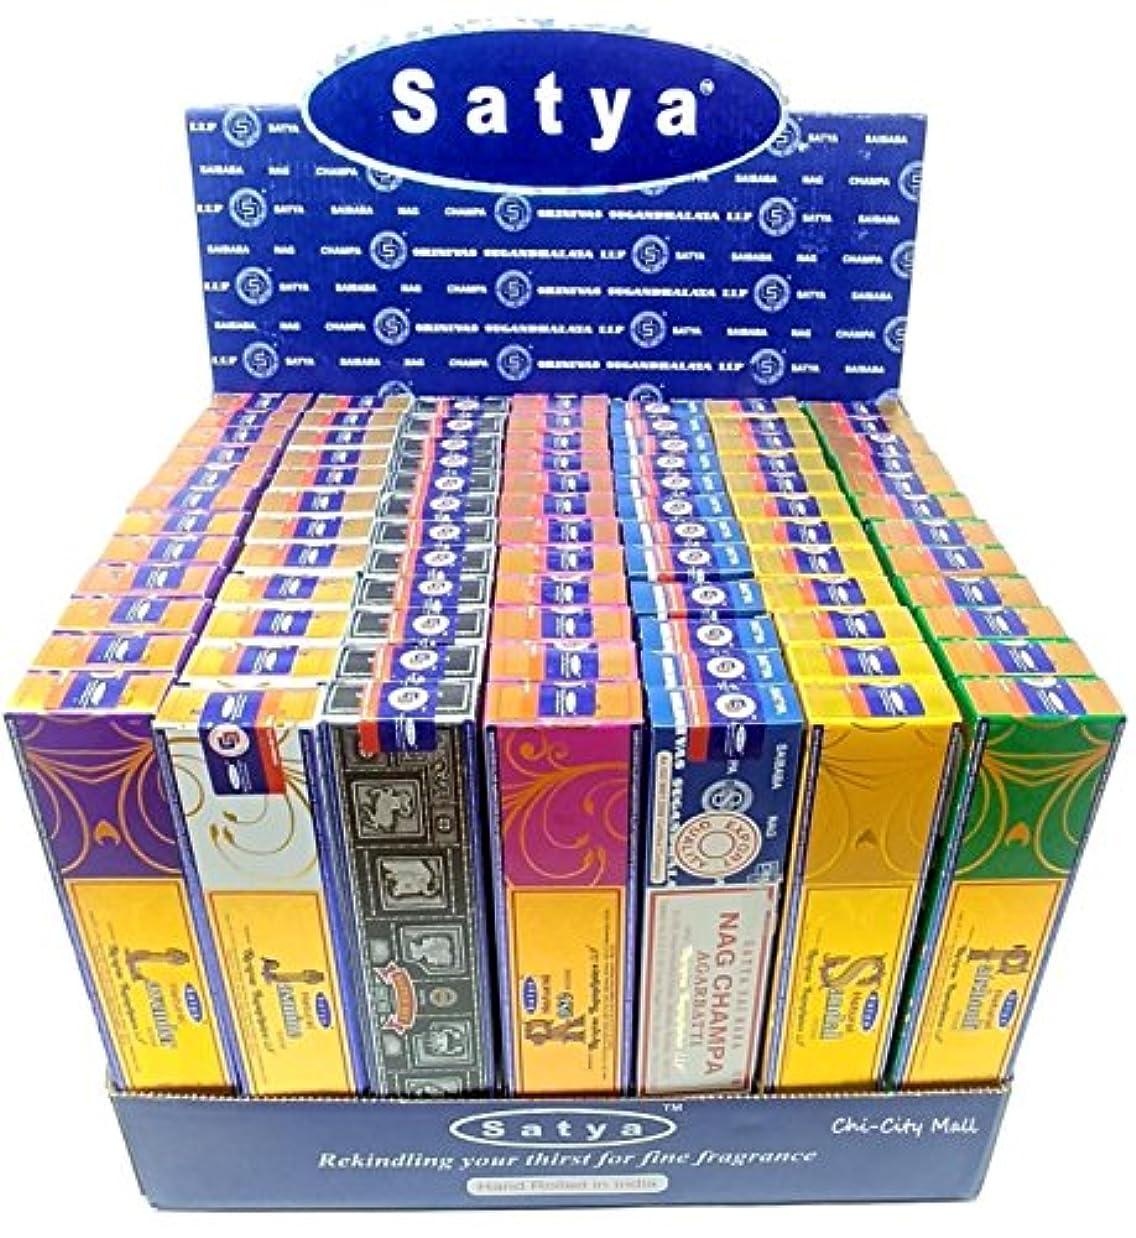 森期待して復活するchi-city Mall (7-pack/105g) – Satya Nag Champa Incense Sticks  詰め合わせギフトセットシリーズ  hand-rolled Agarbatti   Sai Baba...